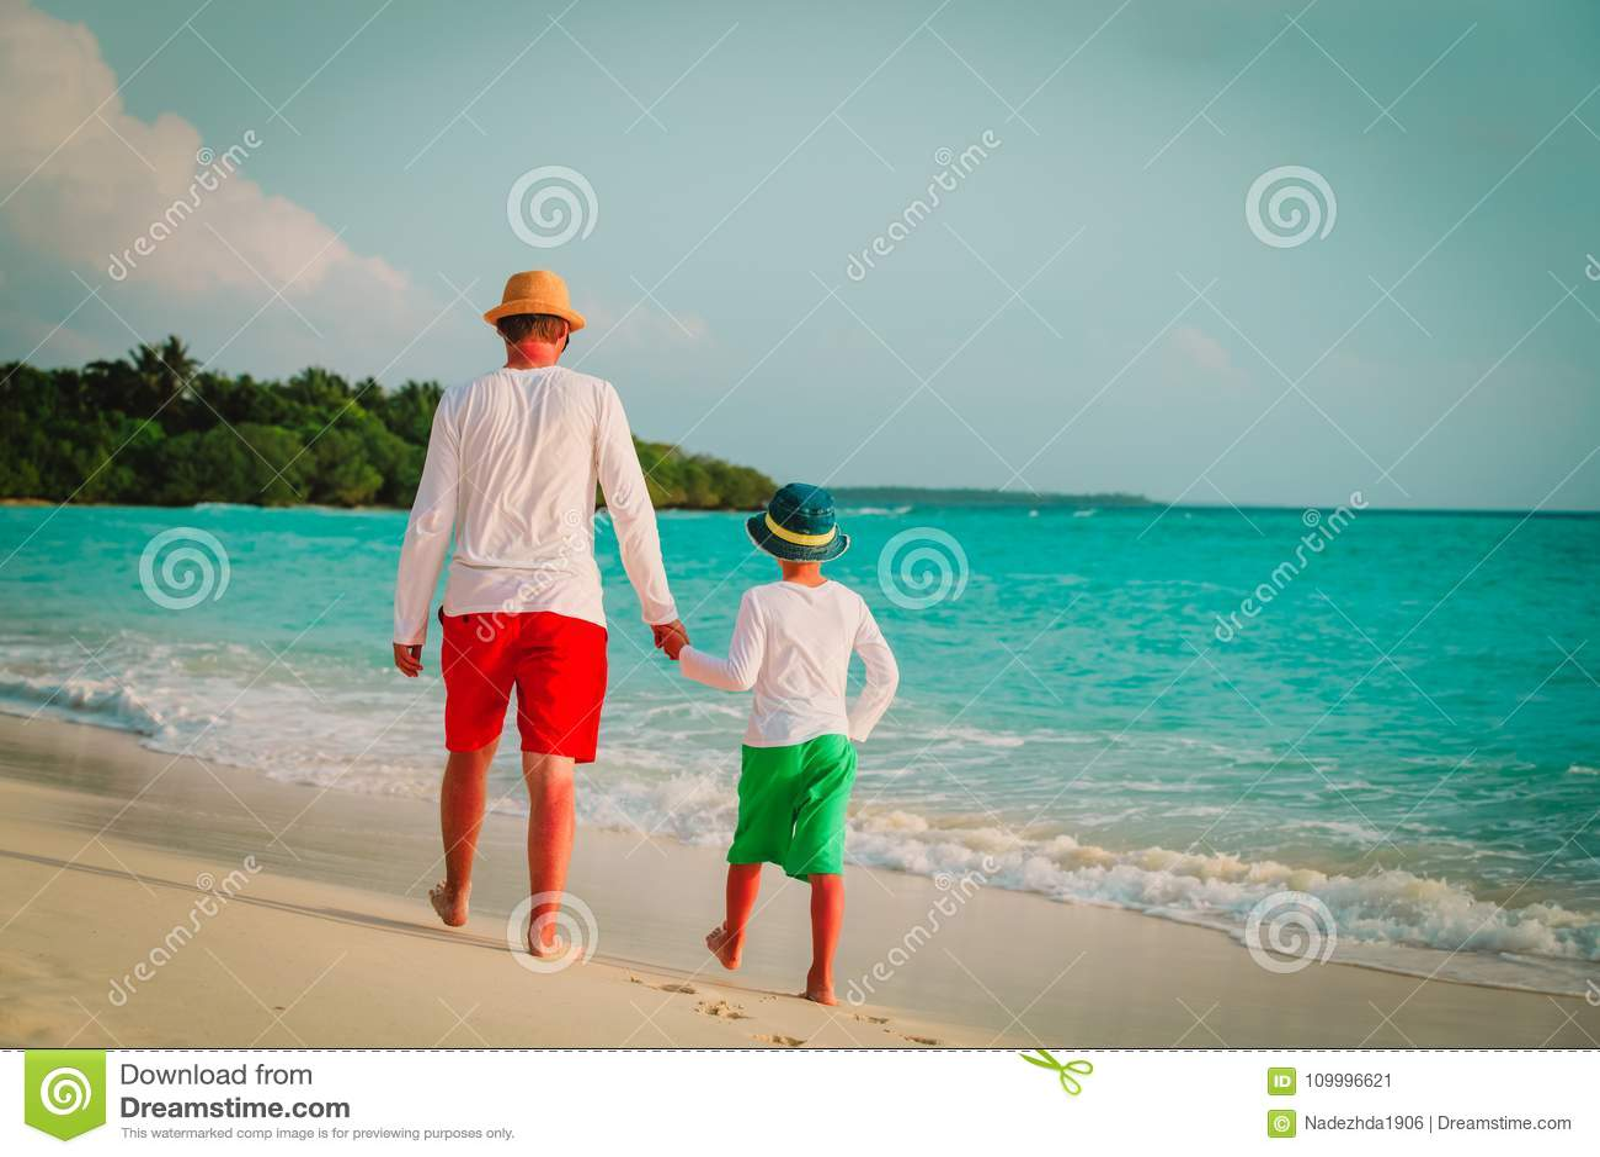 Ojciec z małym syna odprowadzeniem na plaży